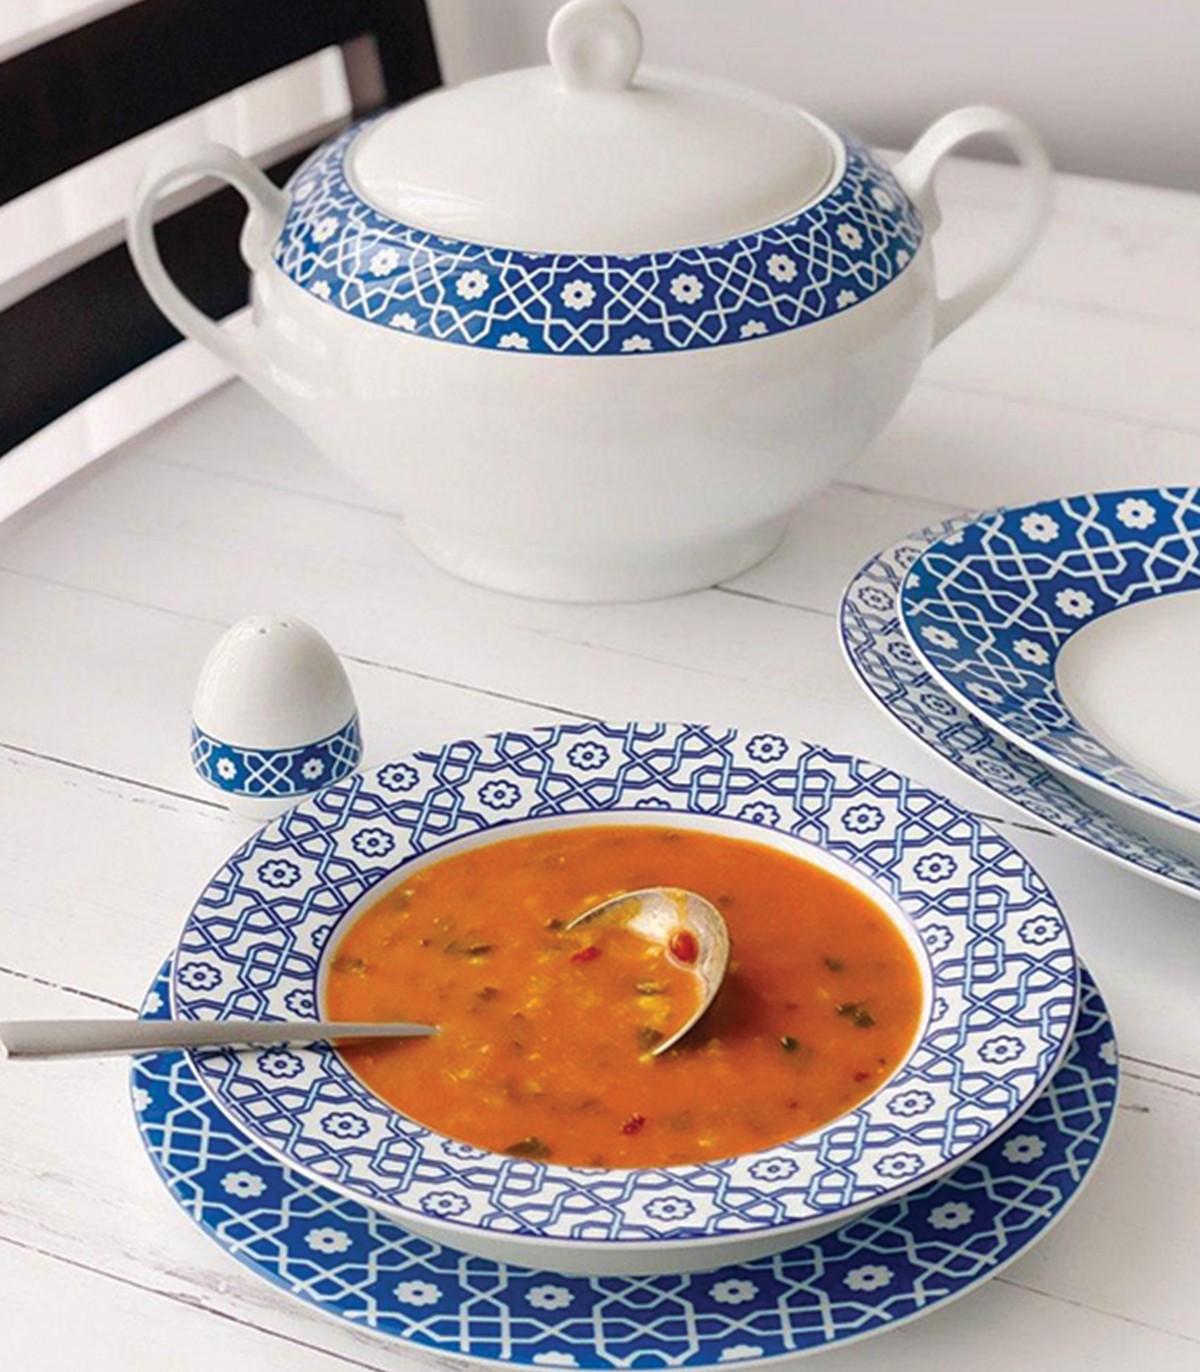 خرید سرویس غذا خوری چینی 28 پارچ 6 نفره مدل میبد سرمه ای سری ایتالیا اف